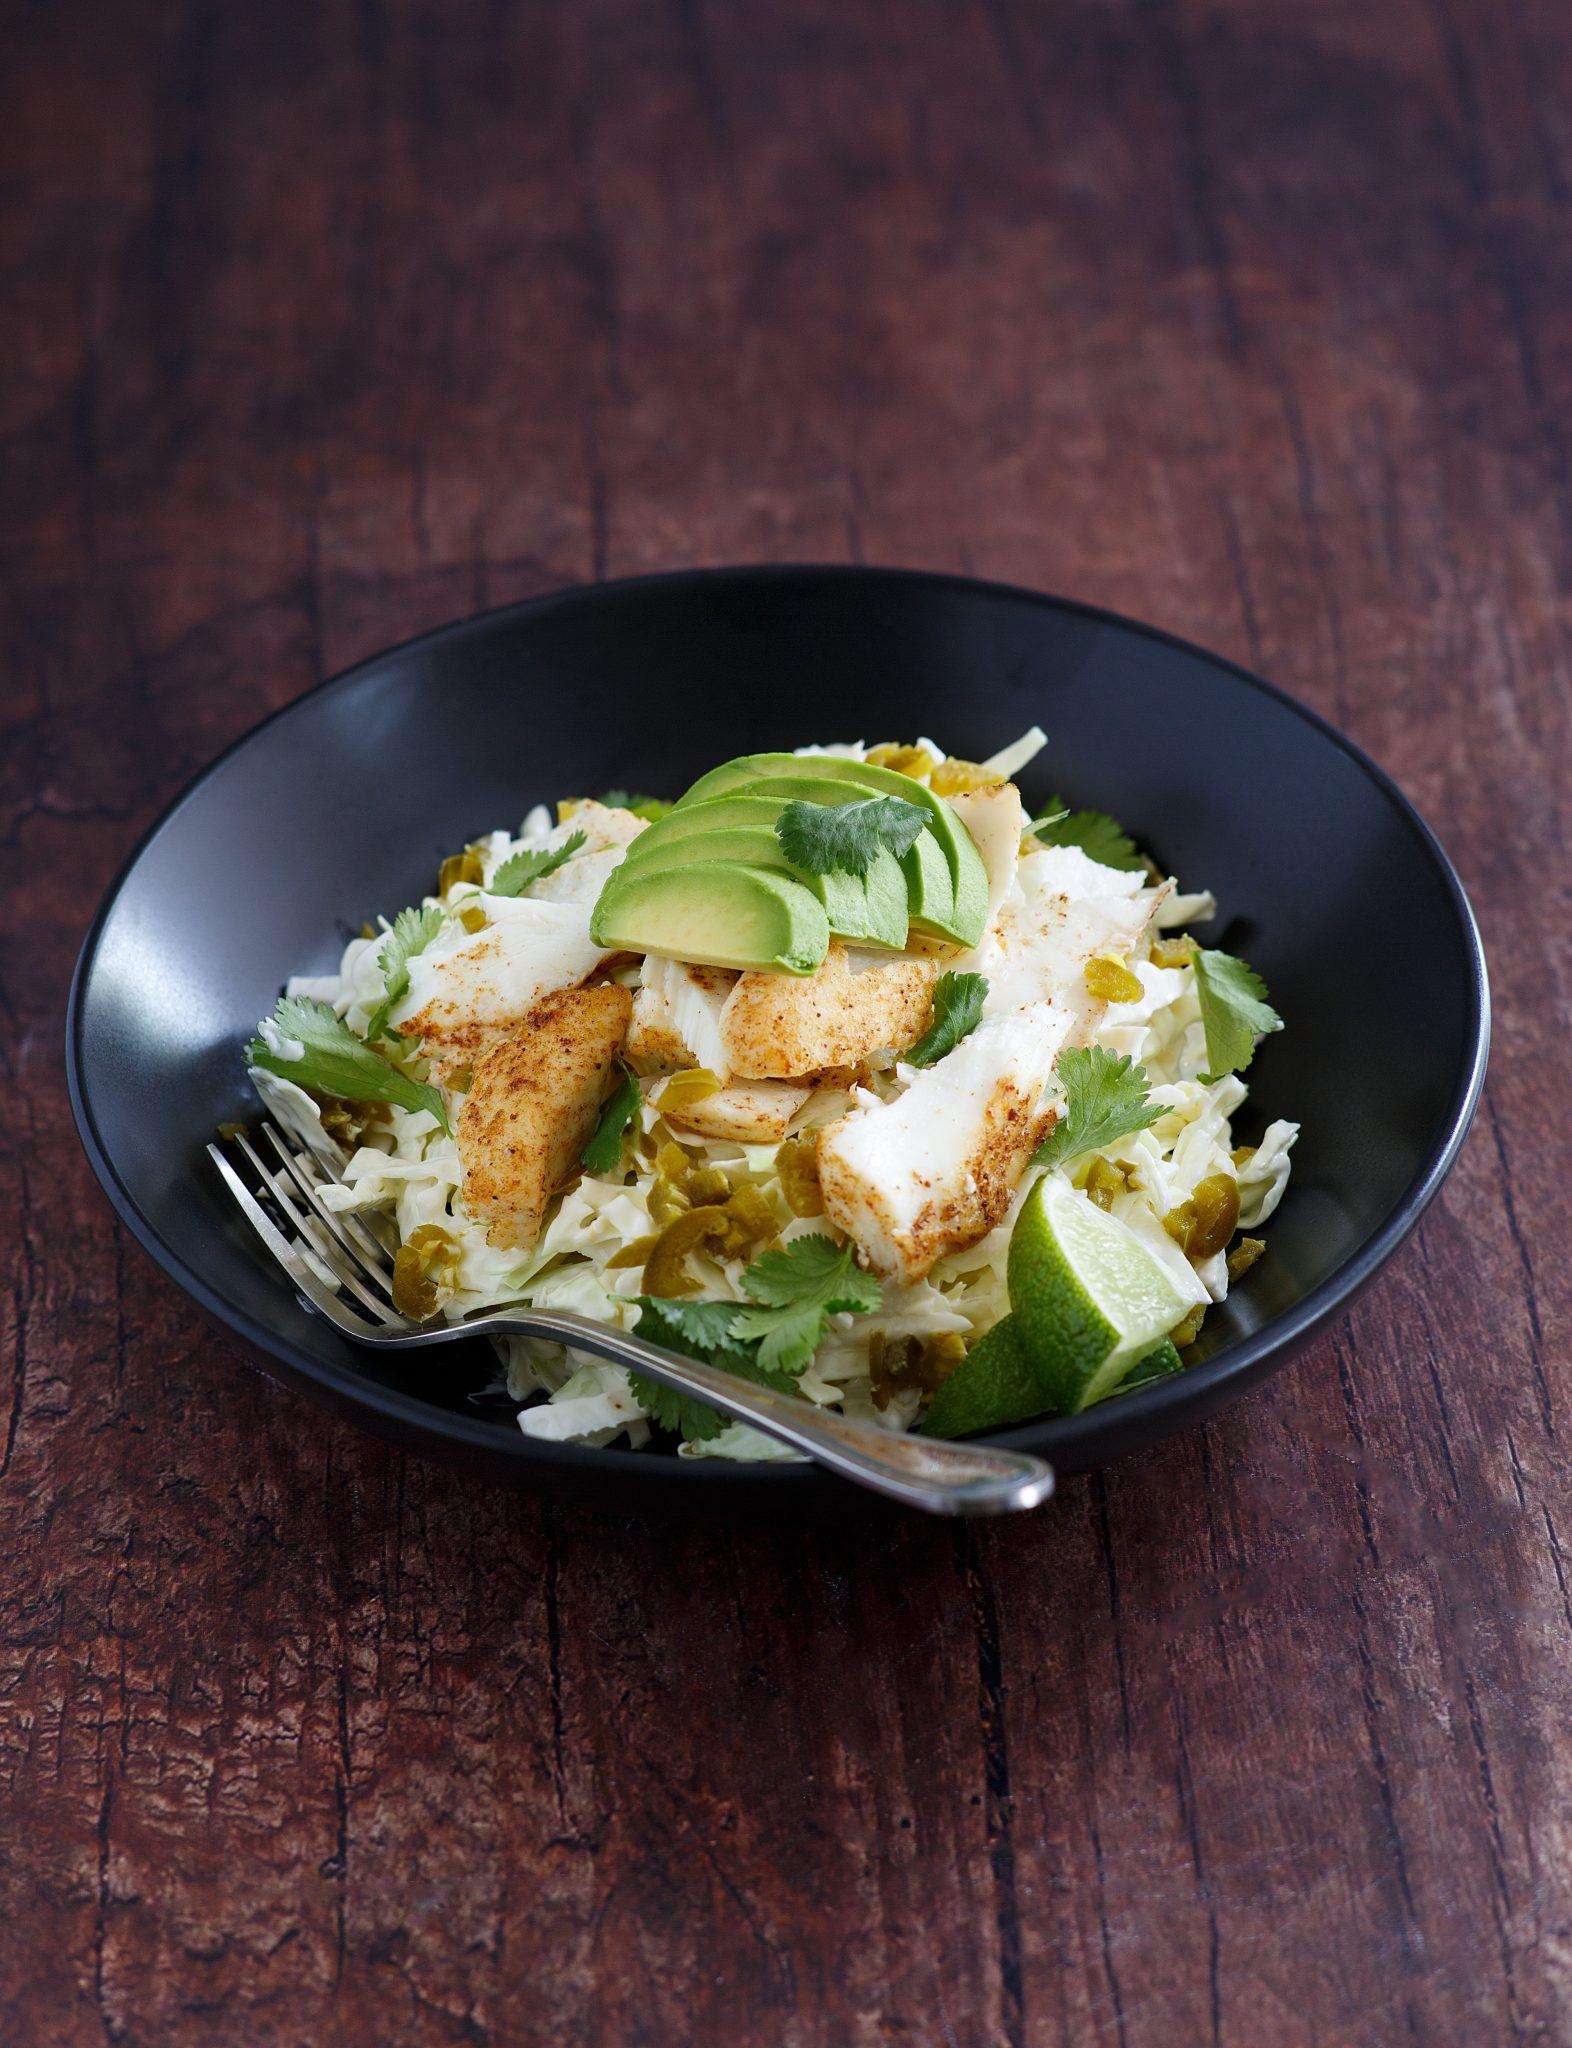 Instapot Chili Recipes Chicken